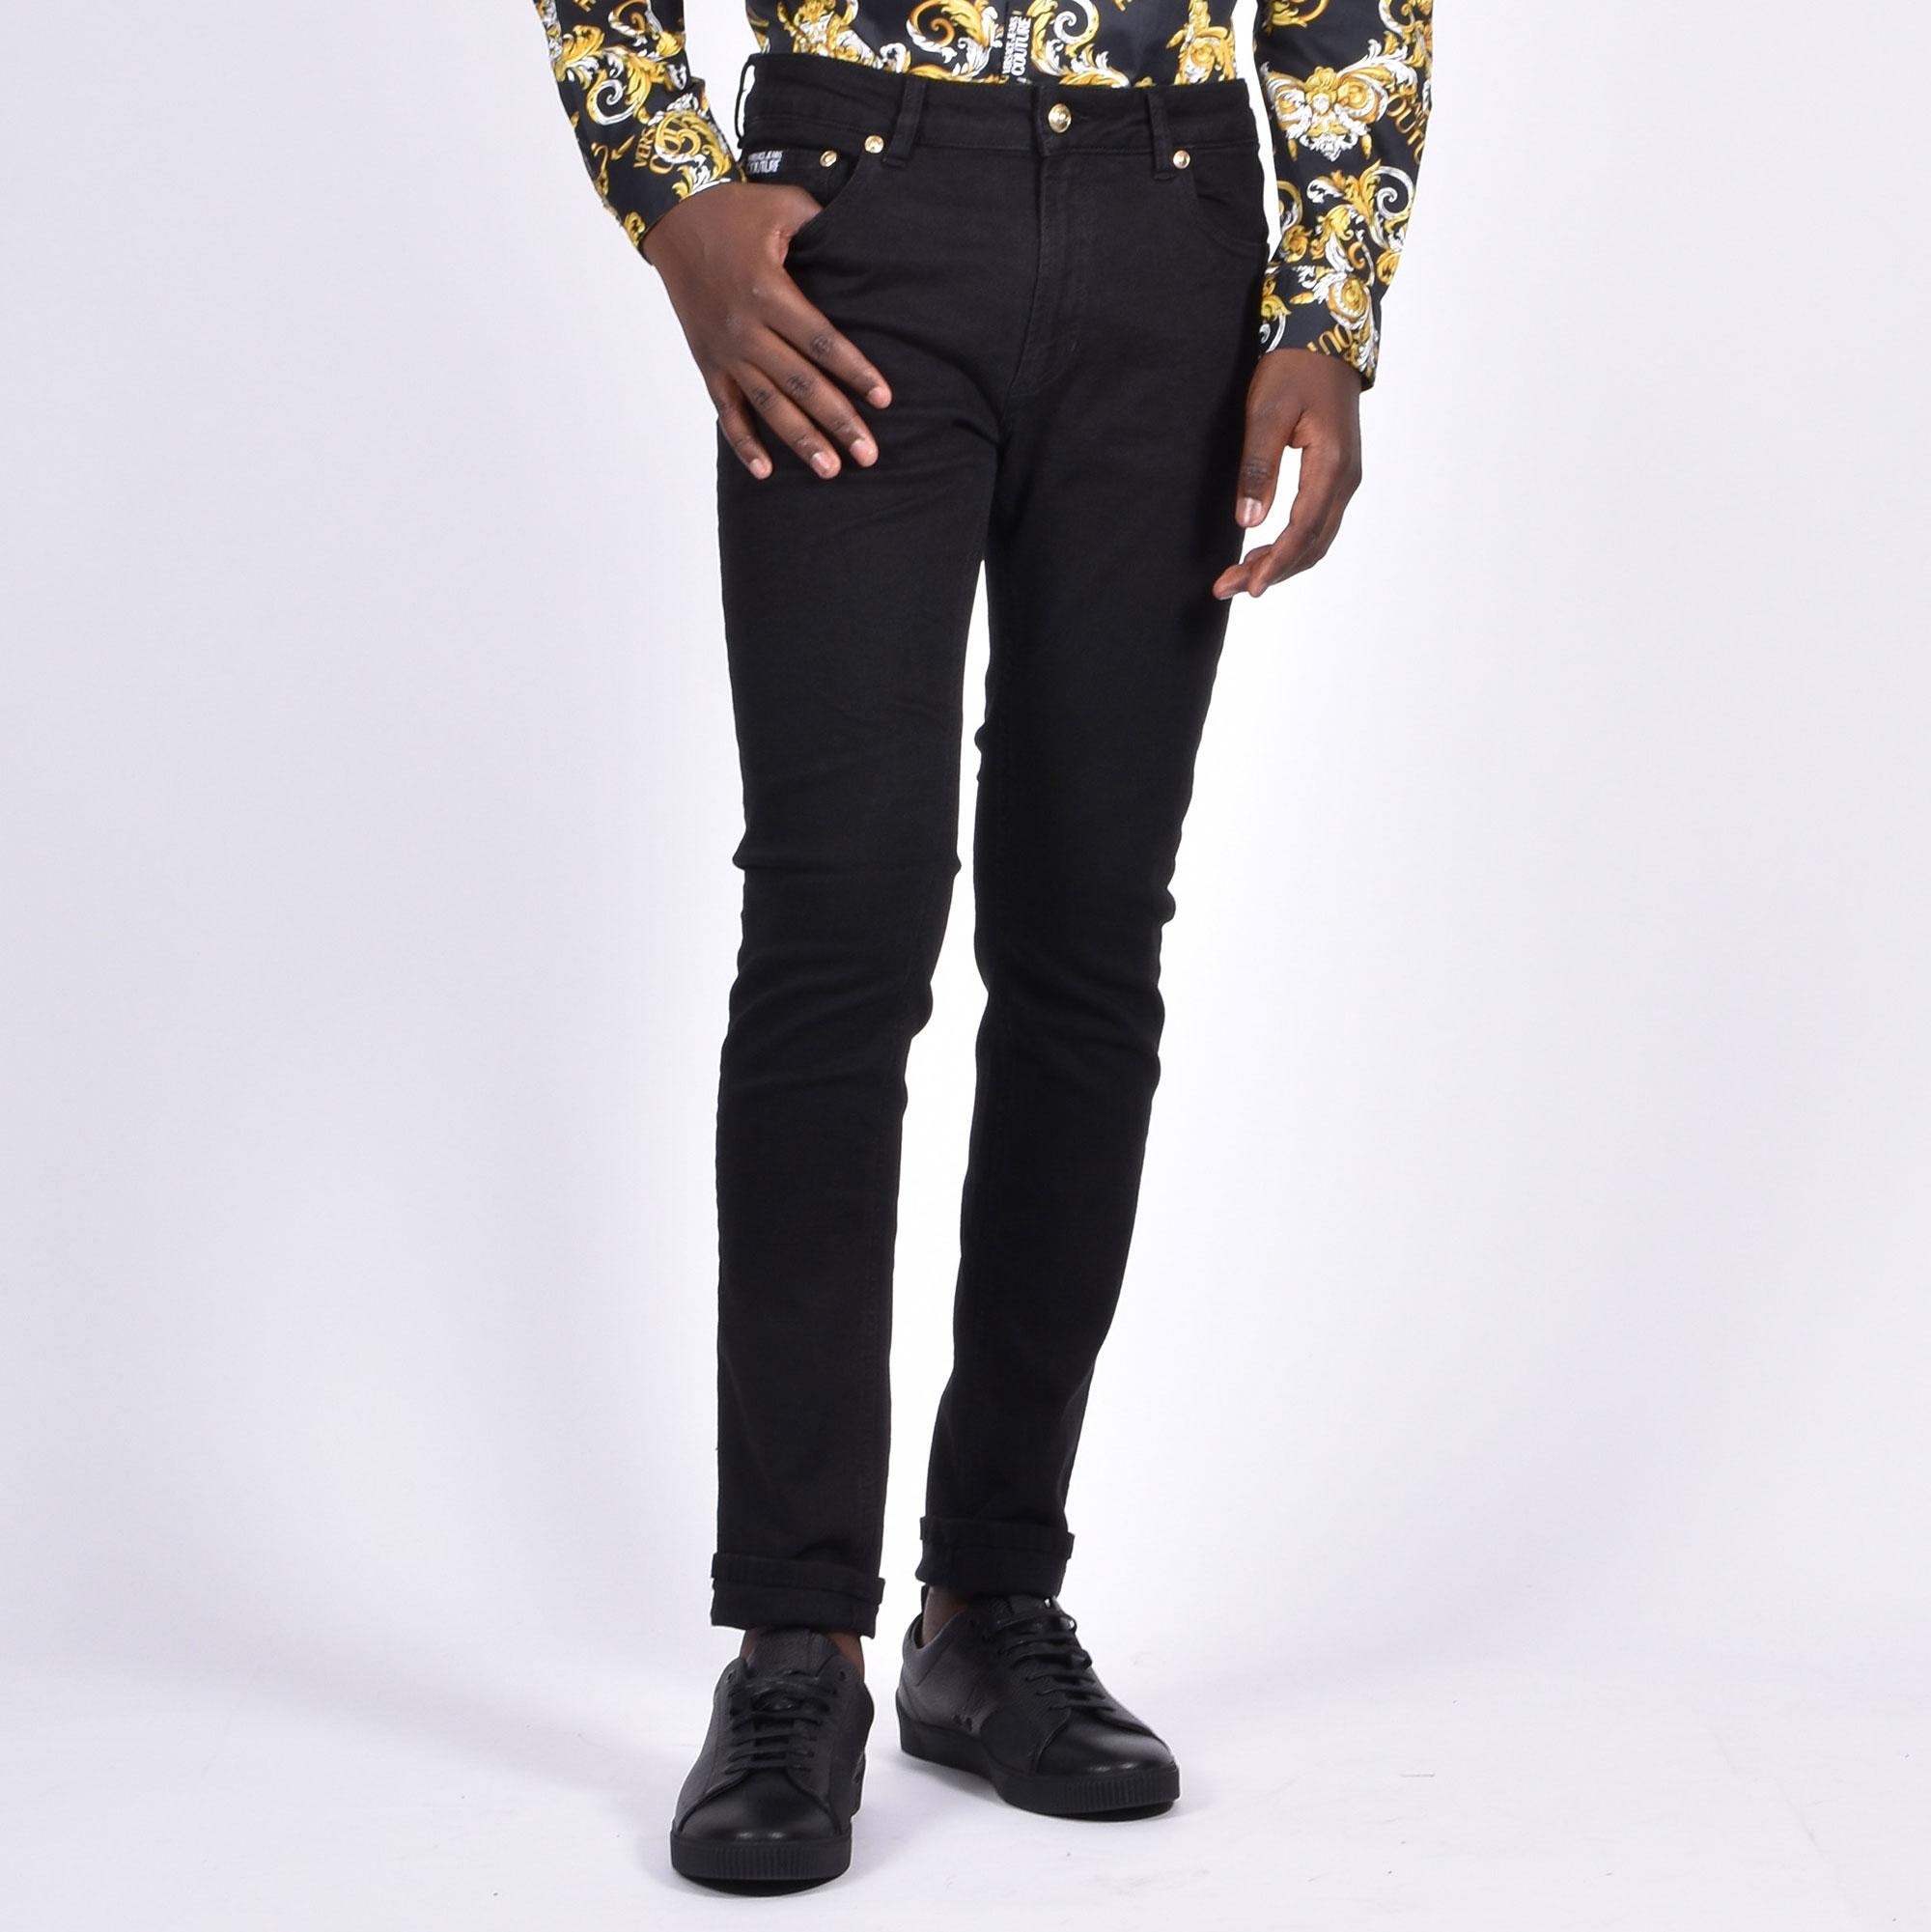 Jeans logo tasca - Nero